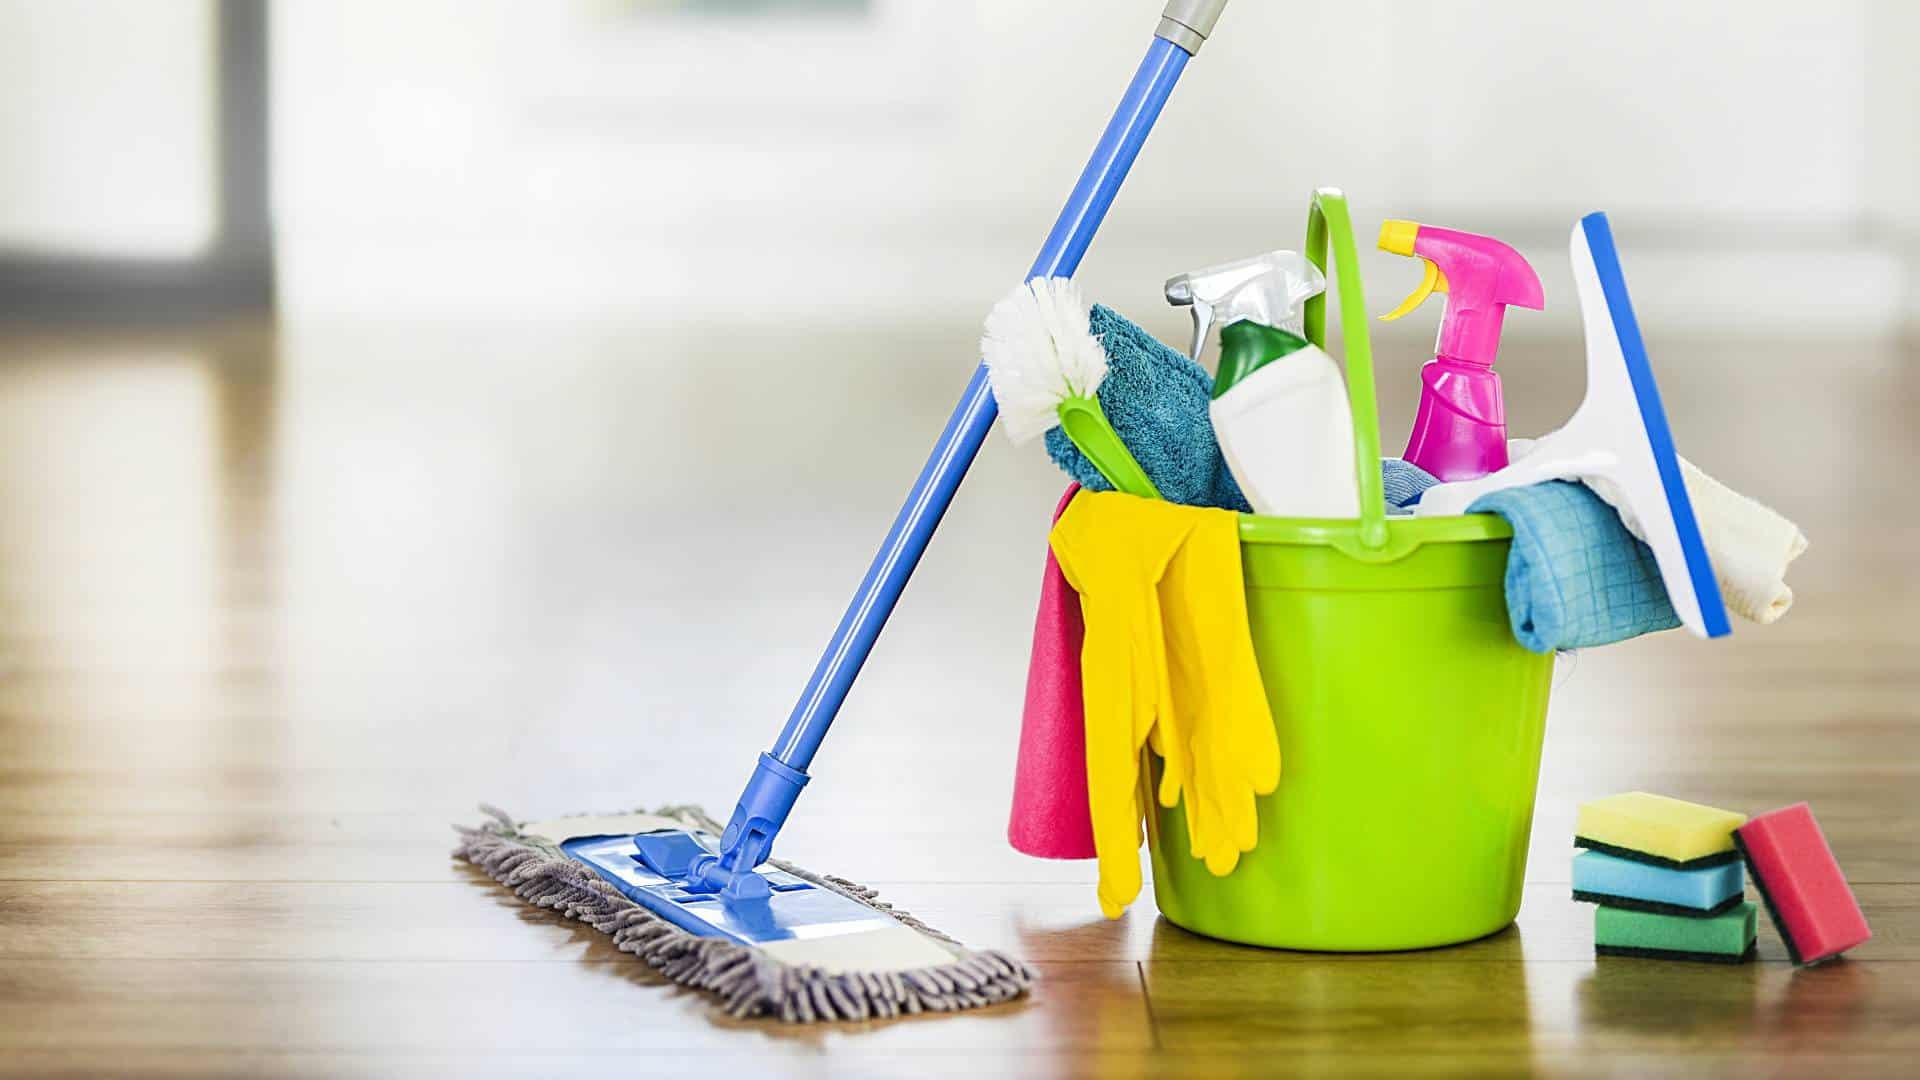 Hulp gezocht: schoonmaak kantine